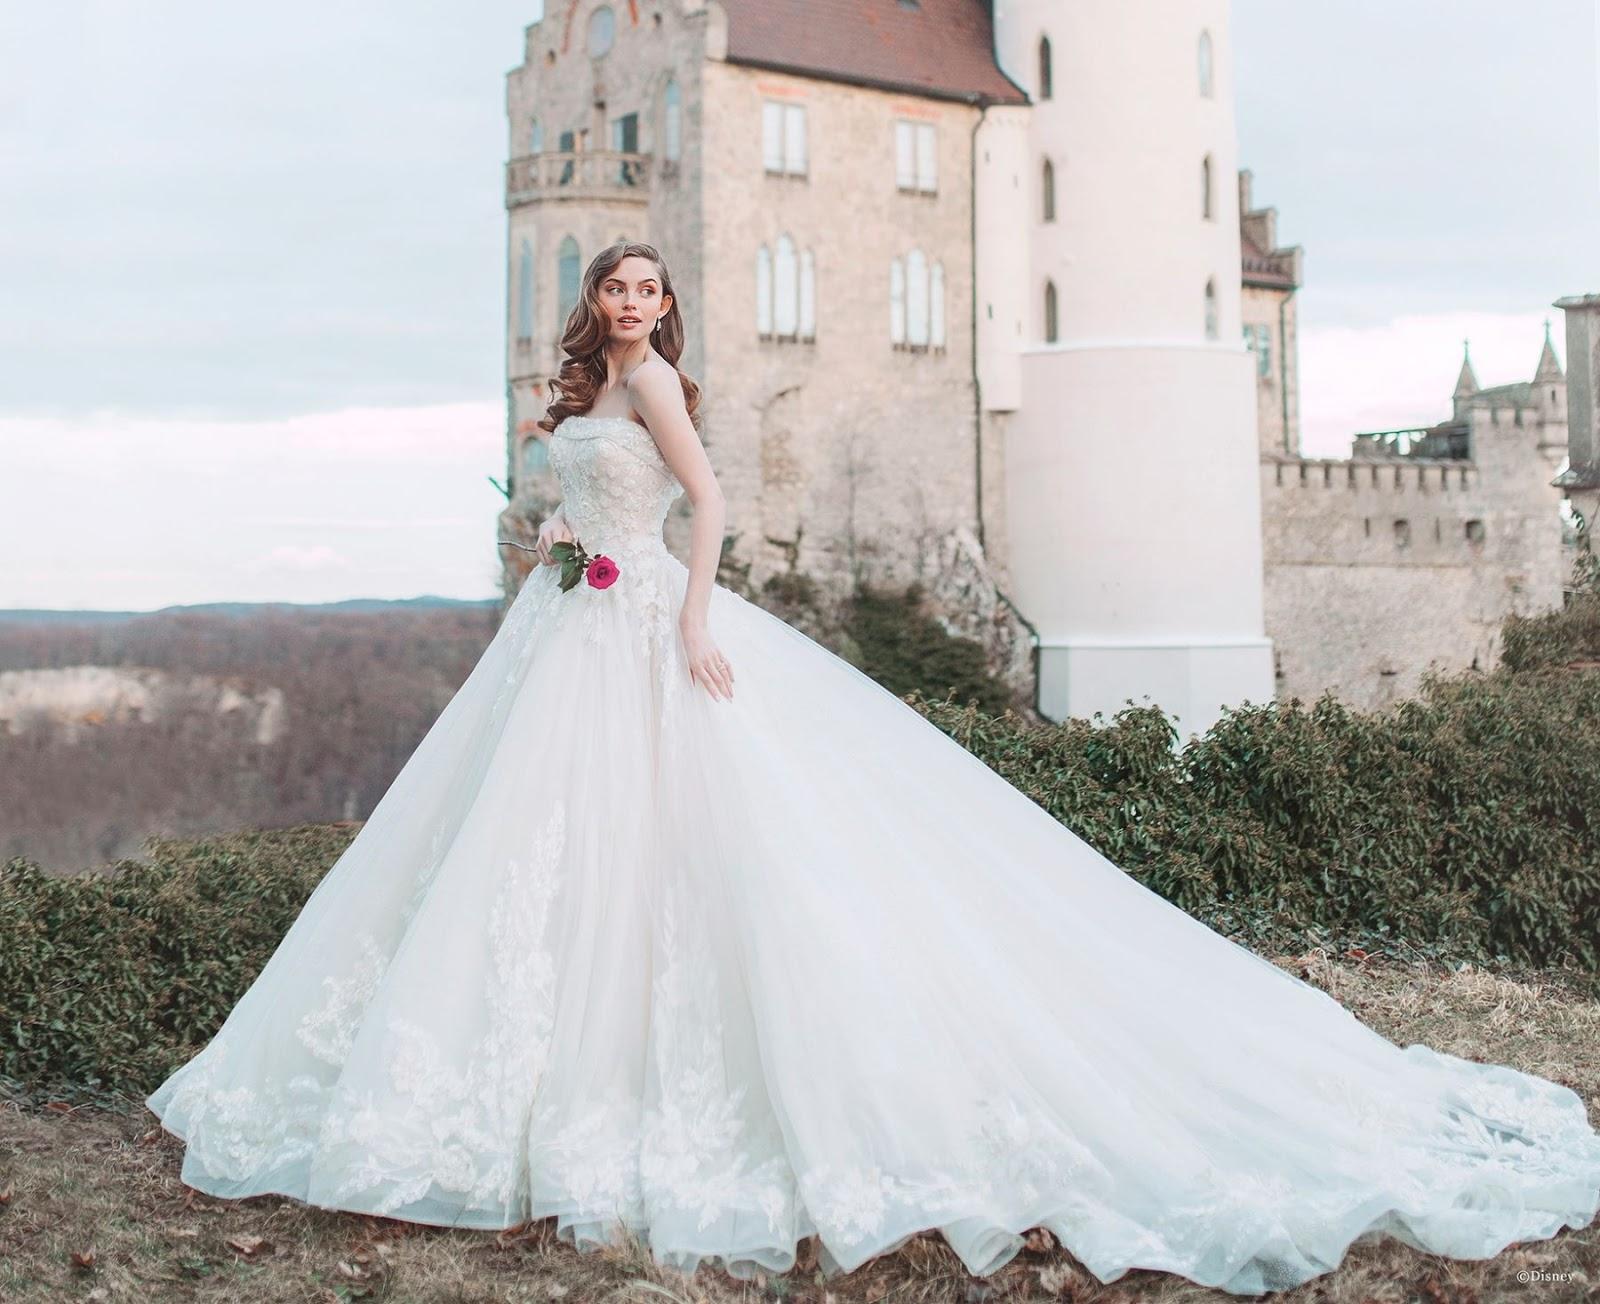 Vestido de noiva Disney: peças inspiradas em cada princesa